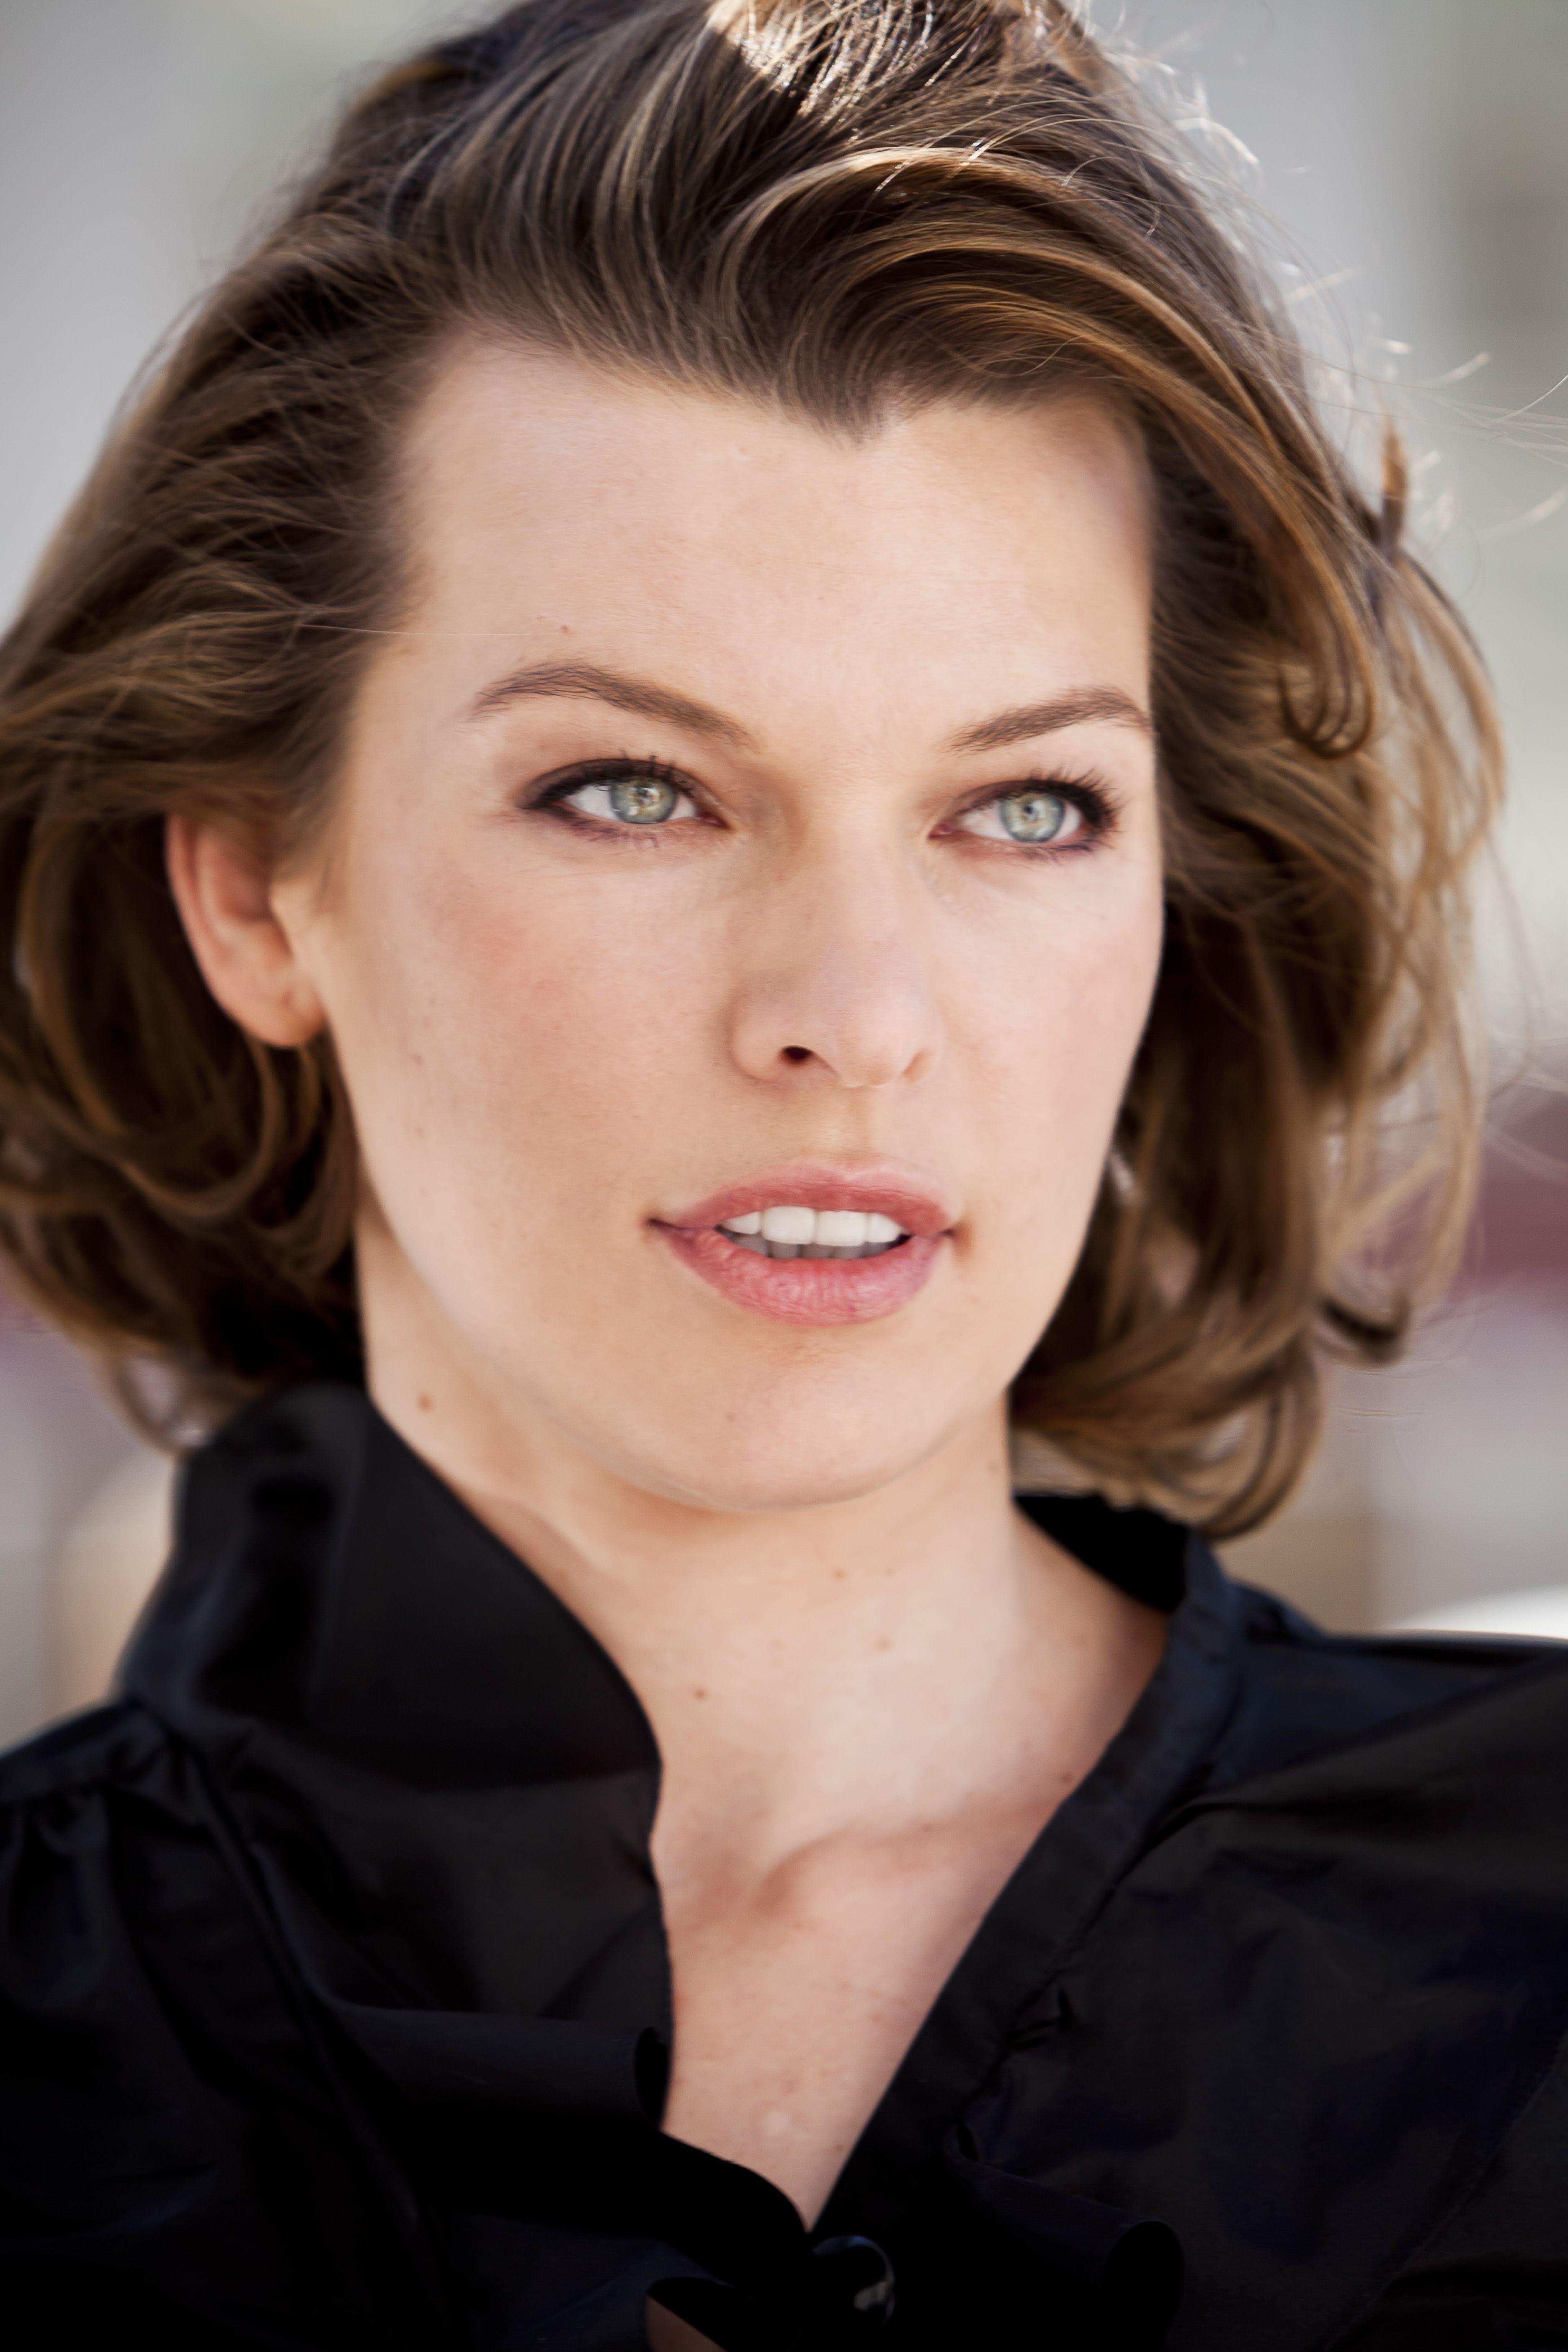 Актриса, фотомодель, и просто эффектная Мила Йовович всегда выглядит